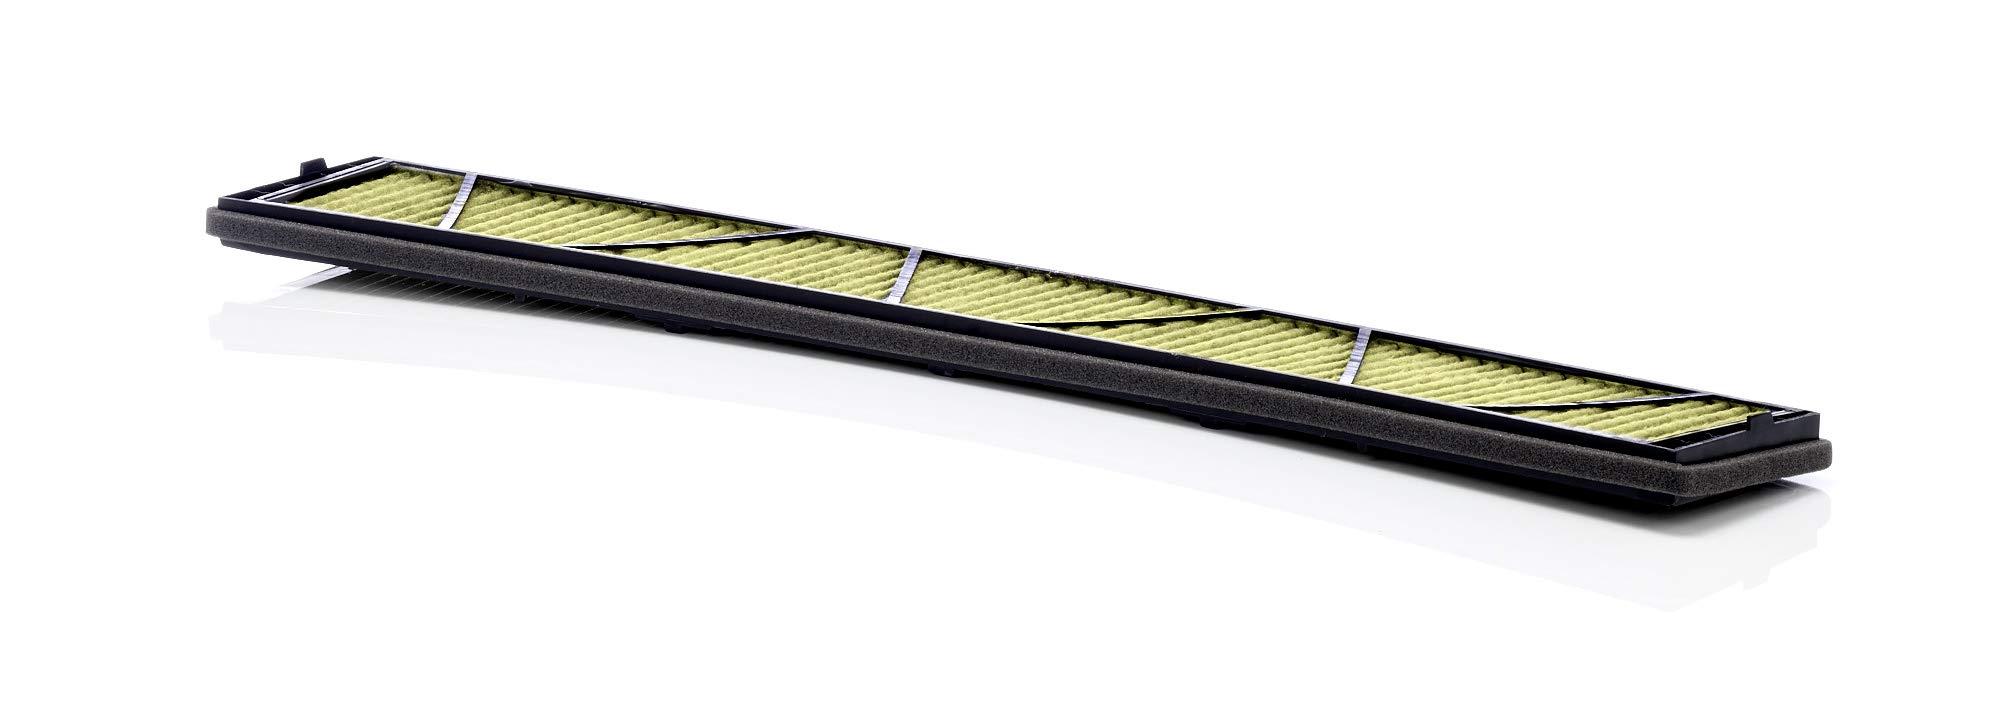 Mercedes-Benz Pollenfilter CUK 3172 Mann-FilterFilter Innenraumluft